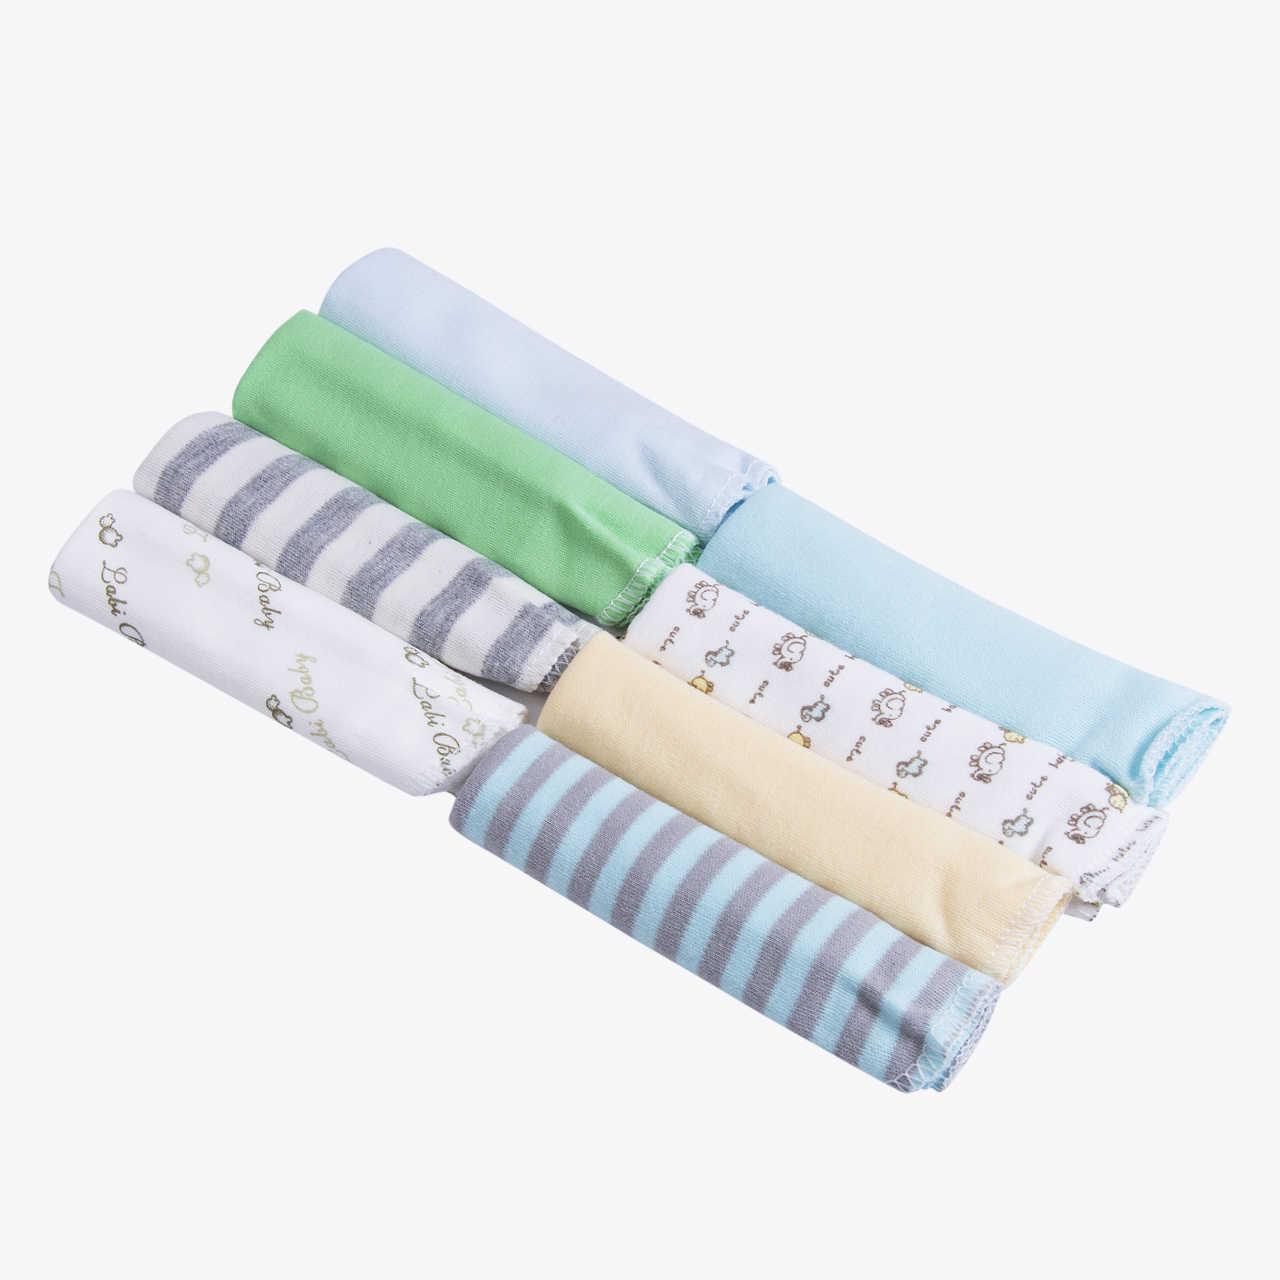 Детская пеленка коврик для мочи Детские Водонепроницаемые постельные принадлежности Пеленальный Коврик для пеленания Детские Водонепроницаемые постельные принадлежности пеленка подгузник